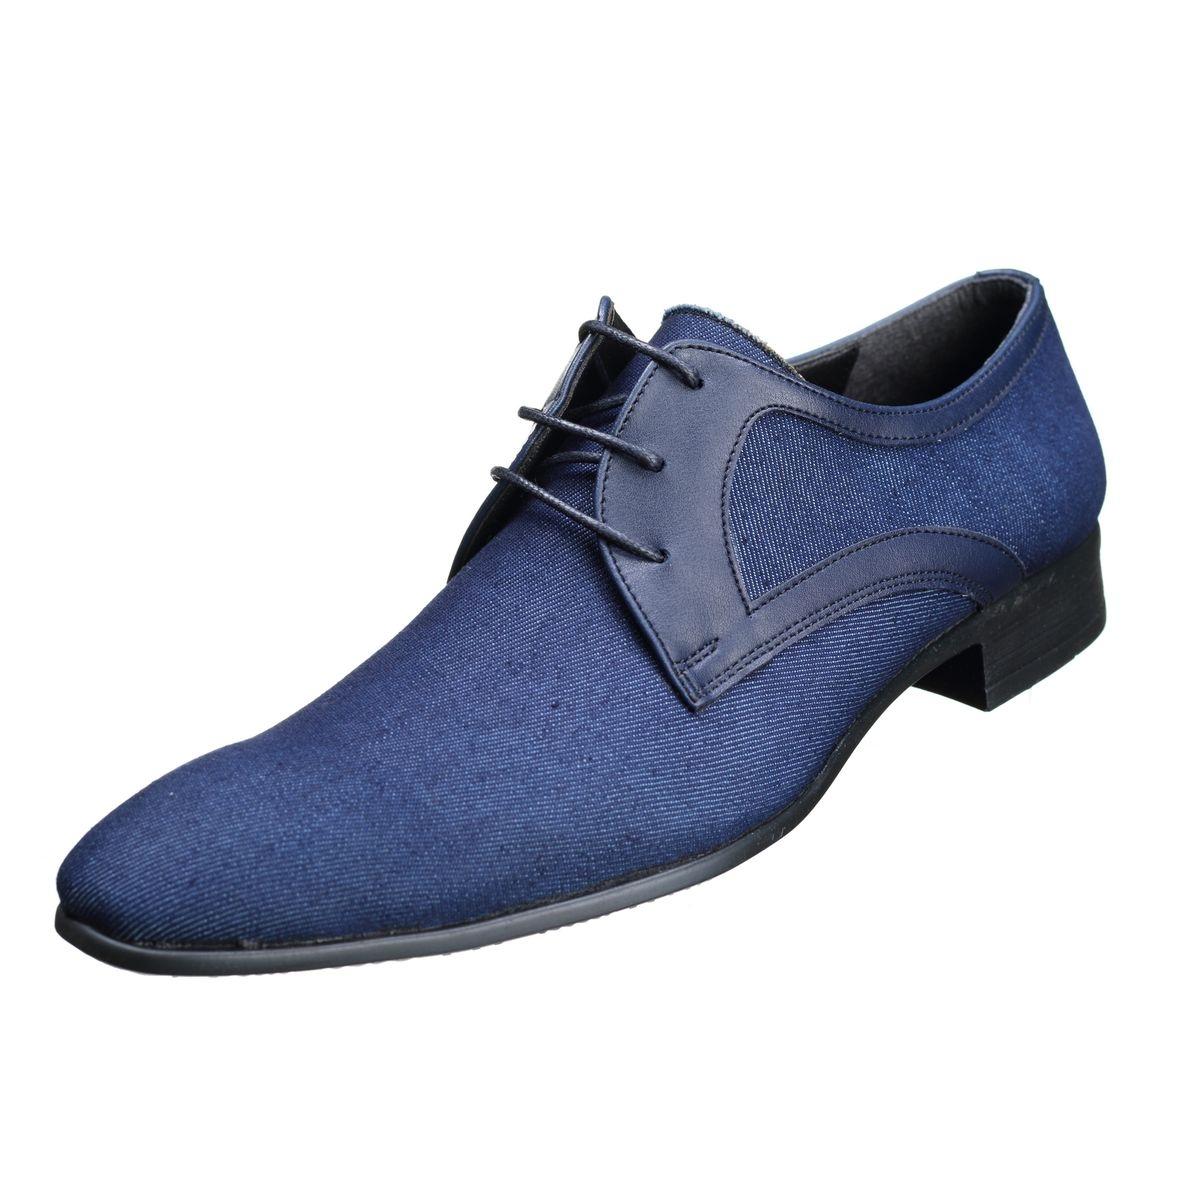 Chaussure Derbie bi matiere